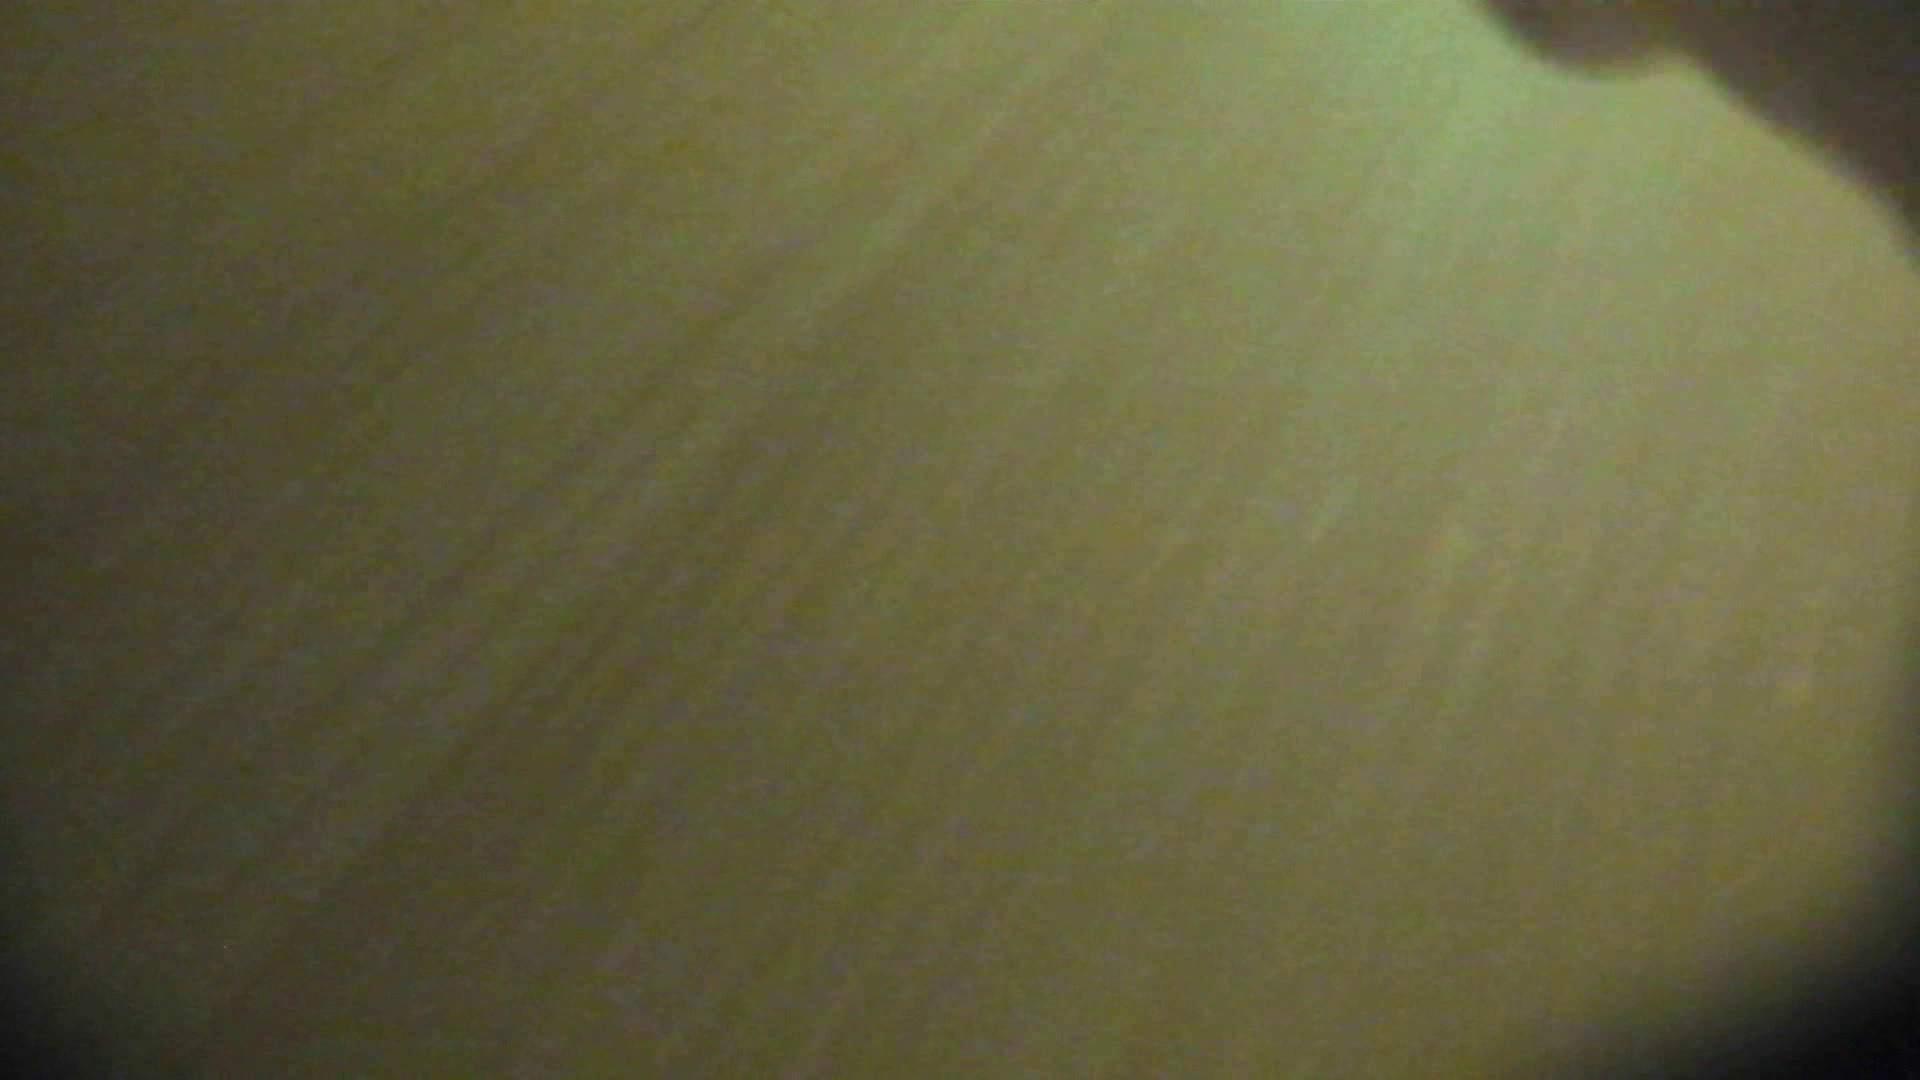 阿国ちゃんの「和式洋式七変化」No.12 和式 | 洗面所着替え  101連発 68